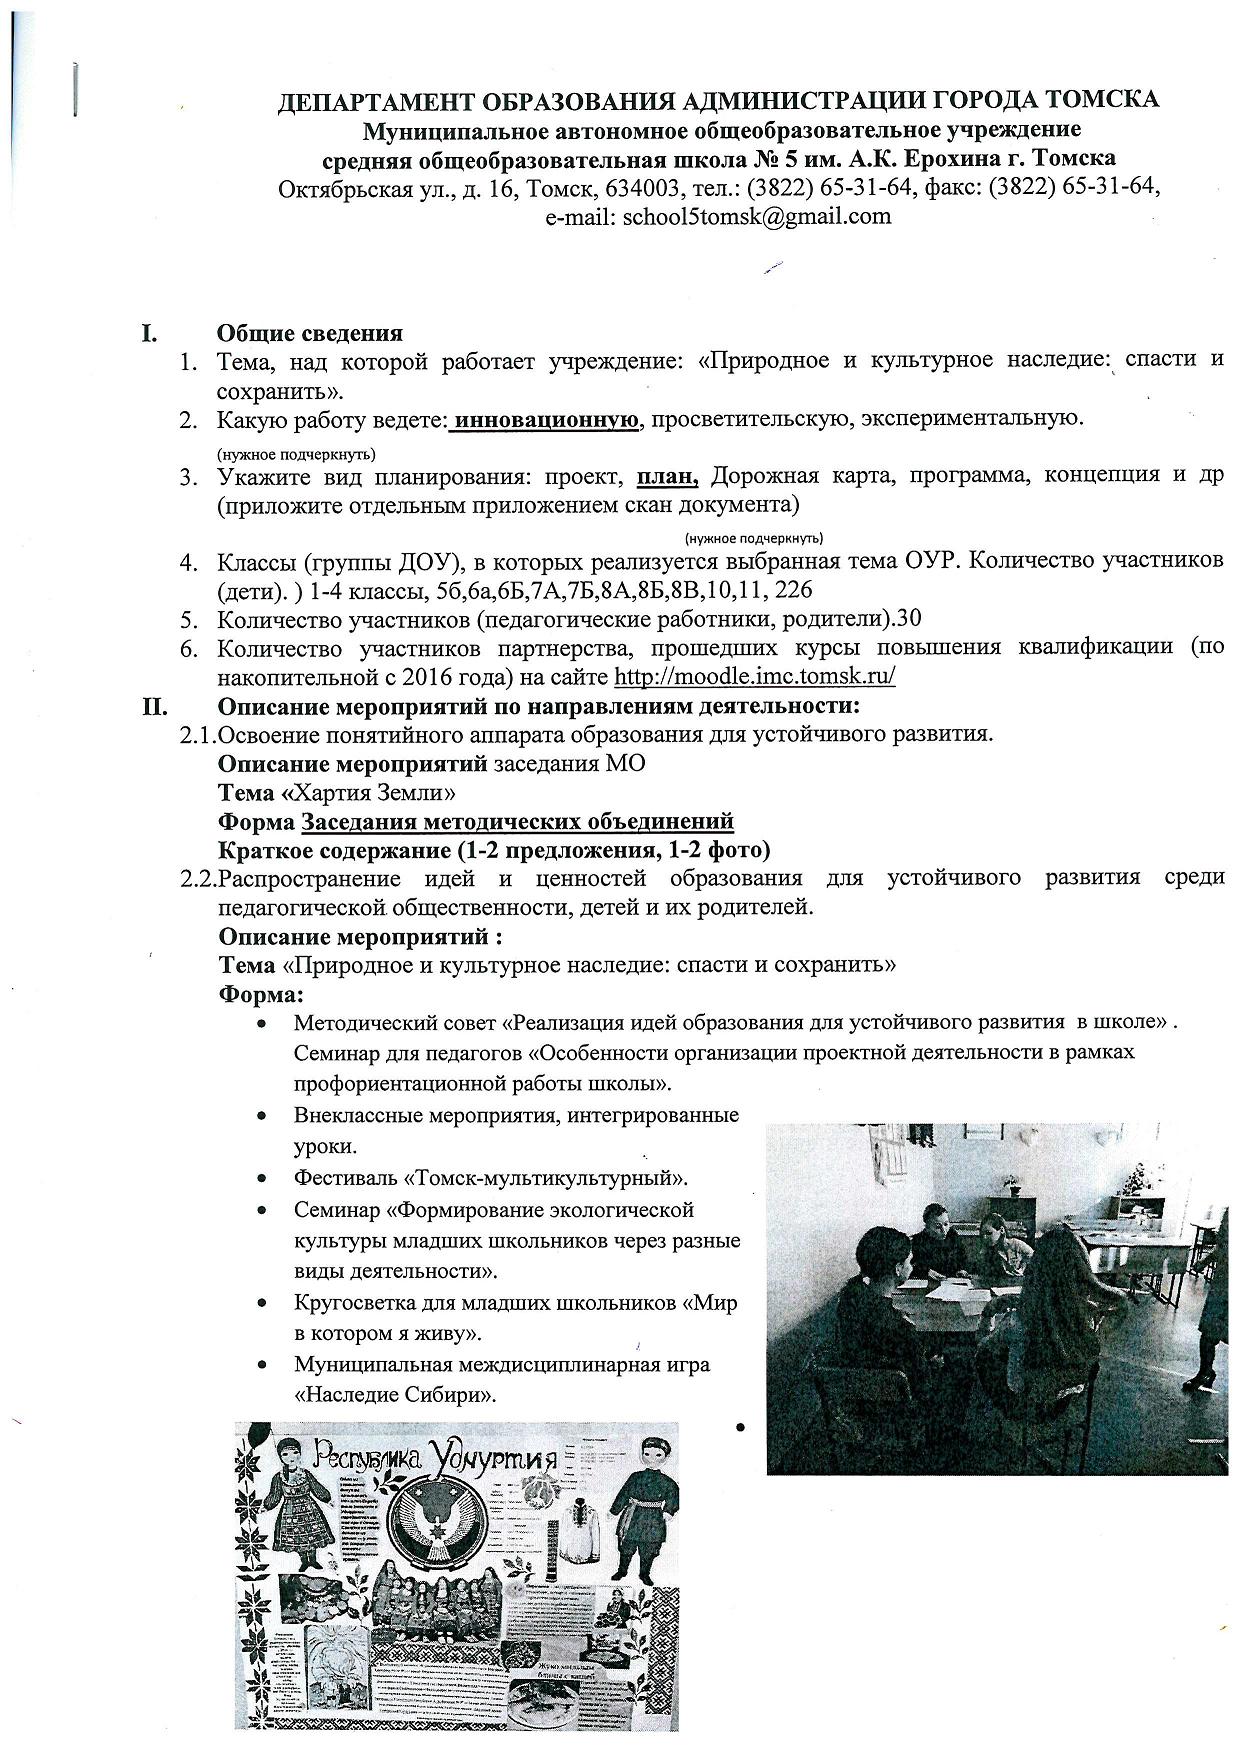 отчет лист 1